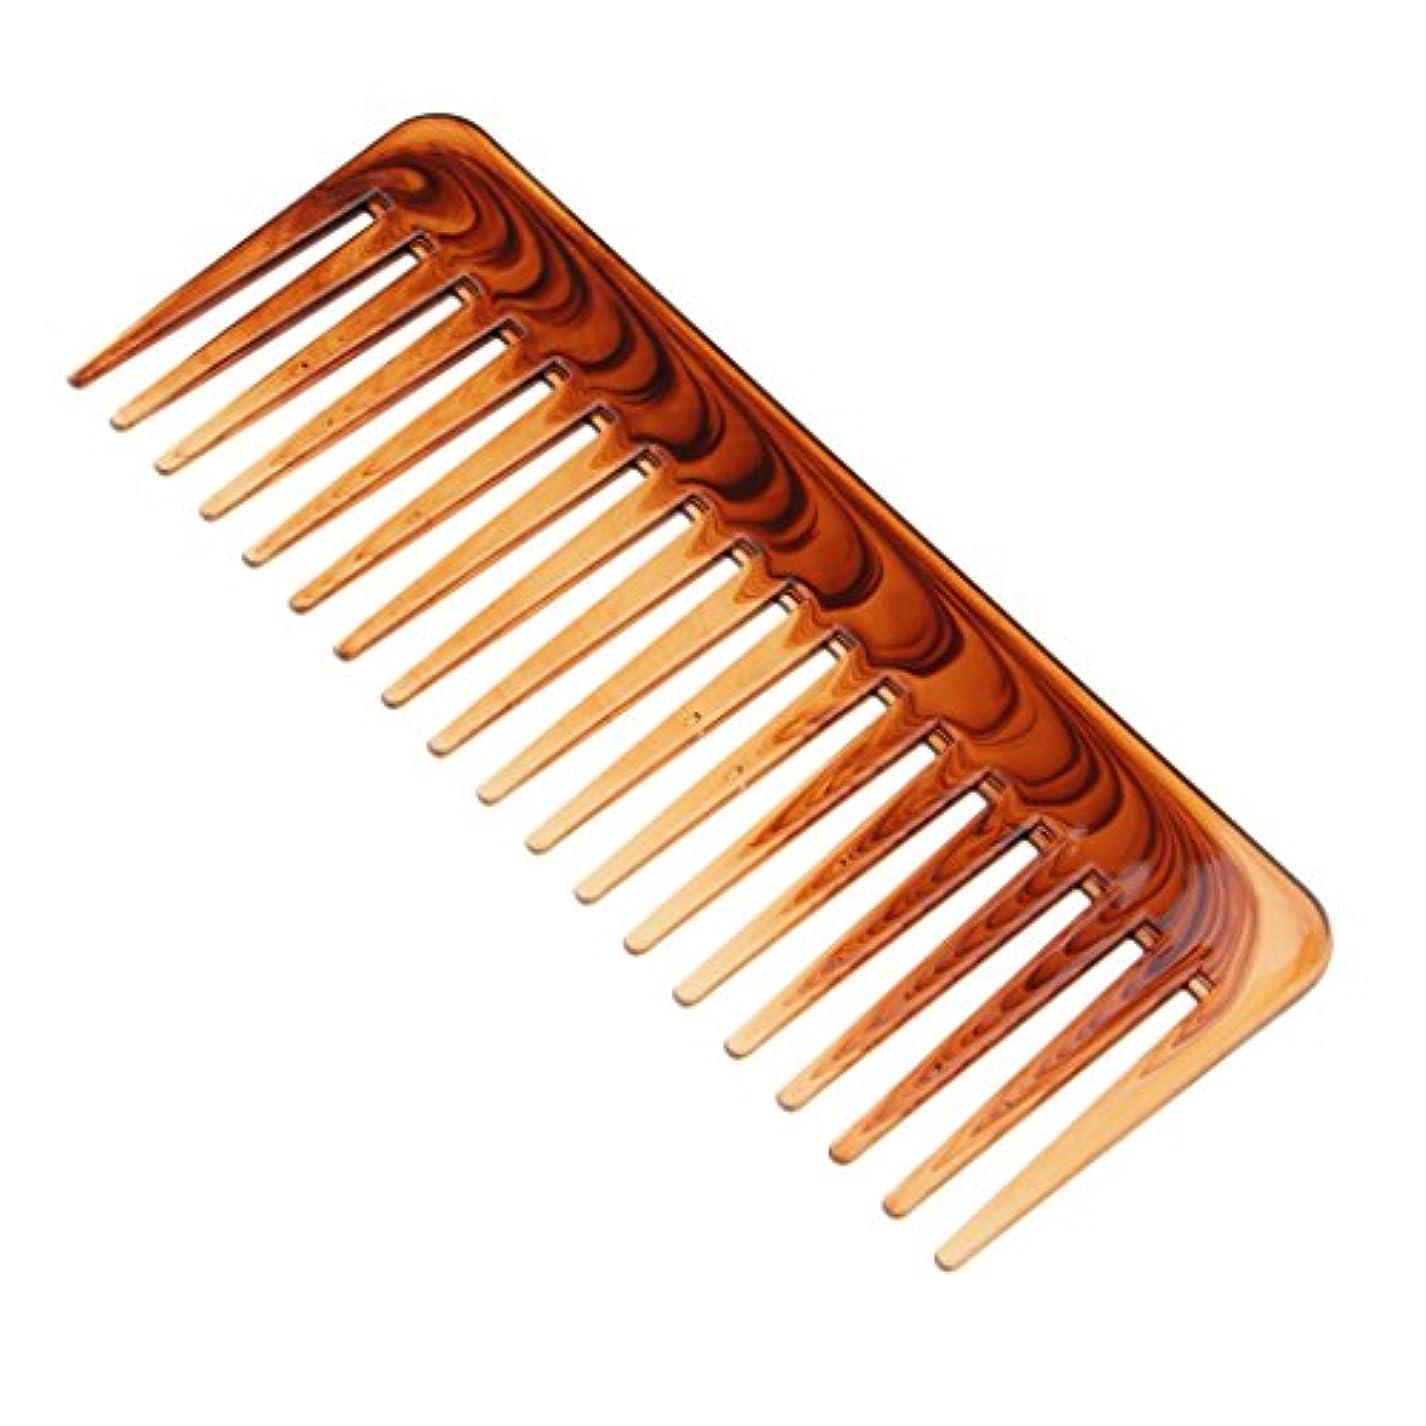 熱サラミ不名誉なKesoto ワイド歯ブラシ 髪の櫛 櫛 ヘアブラシ プラスチック製